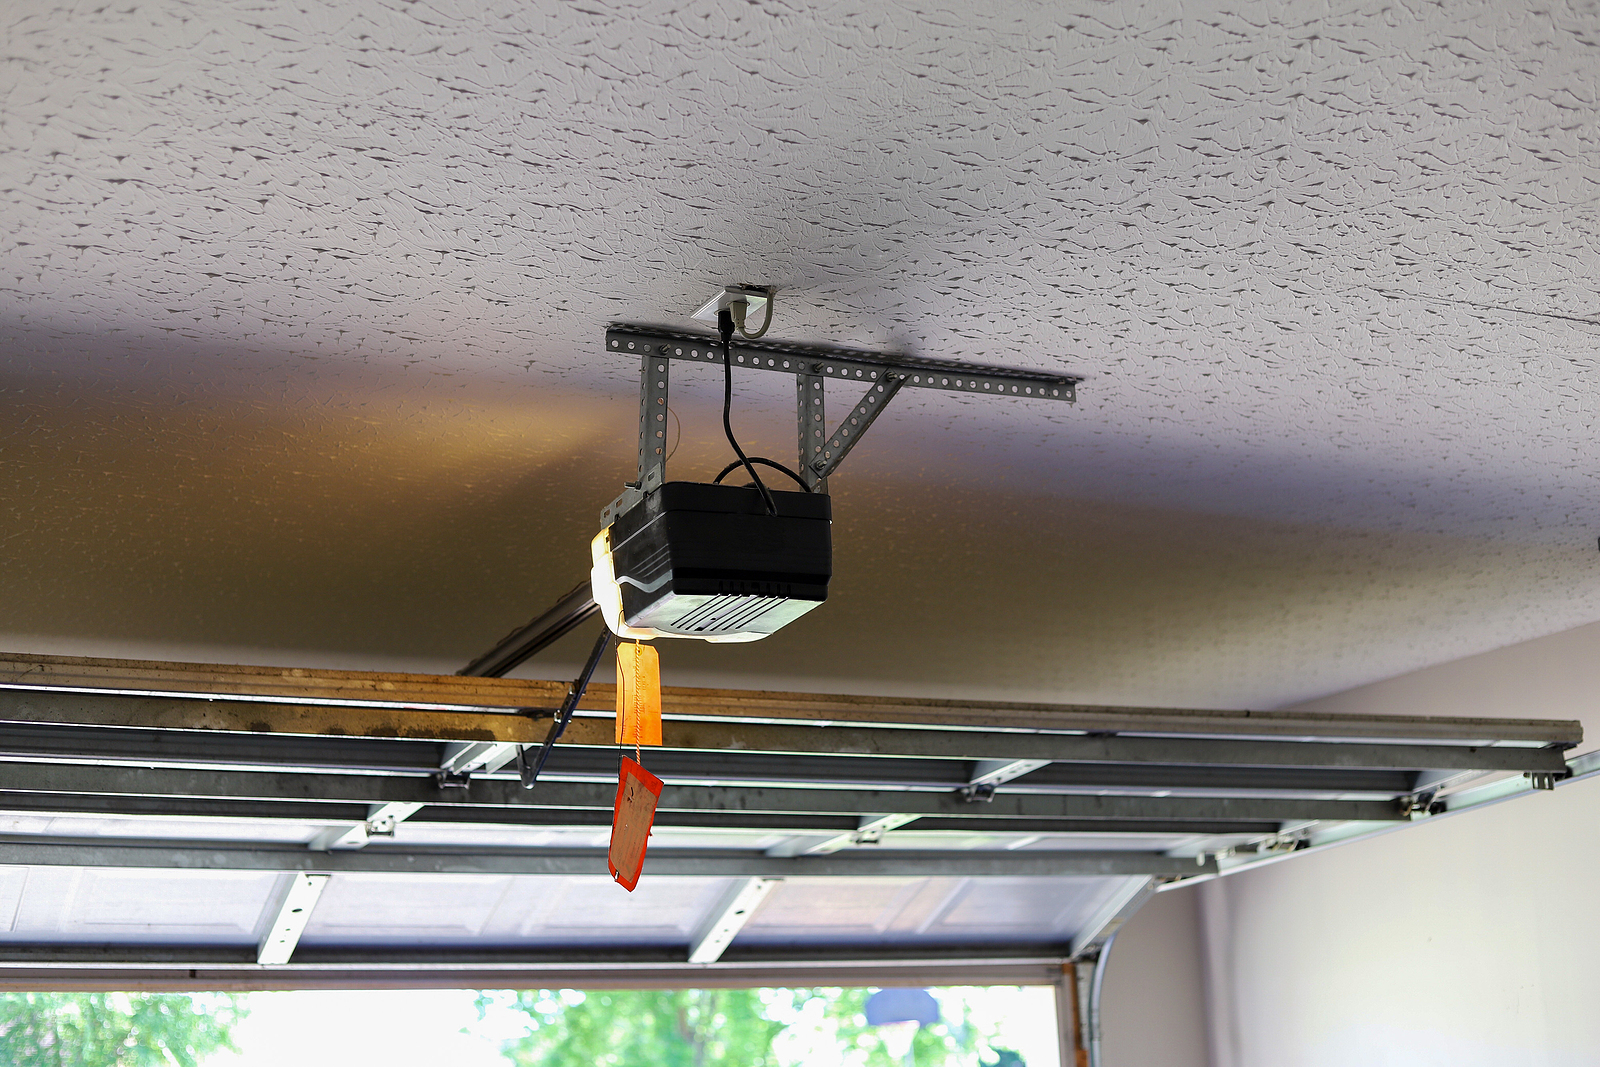 Automatic-Garage-Door-Opener-on-the-Ceiling